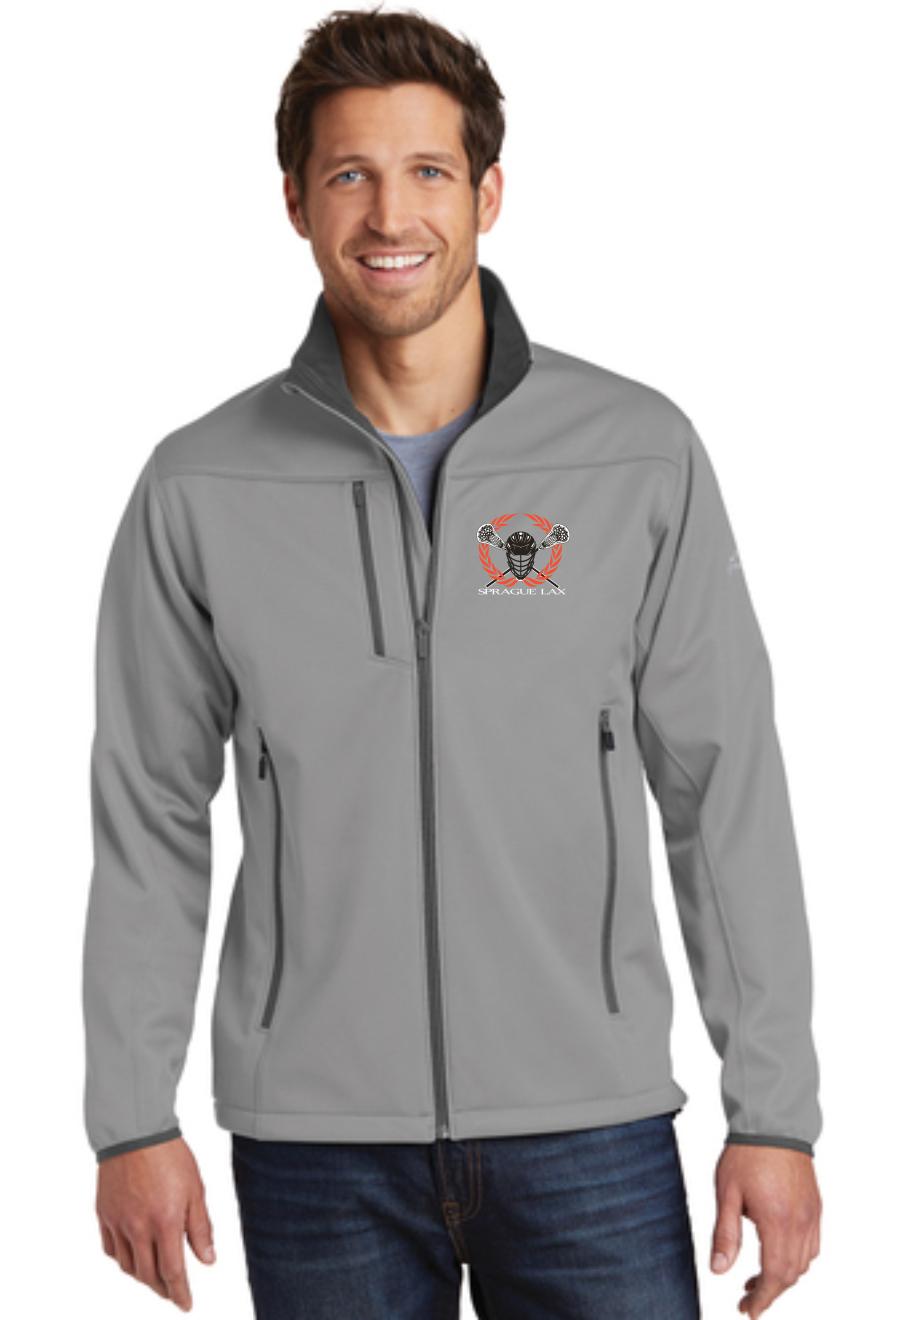 Eddie Bauer® Weather-Resist Soft Shell Jacket